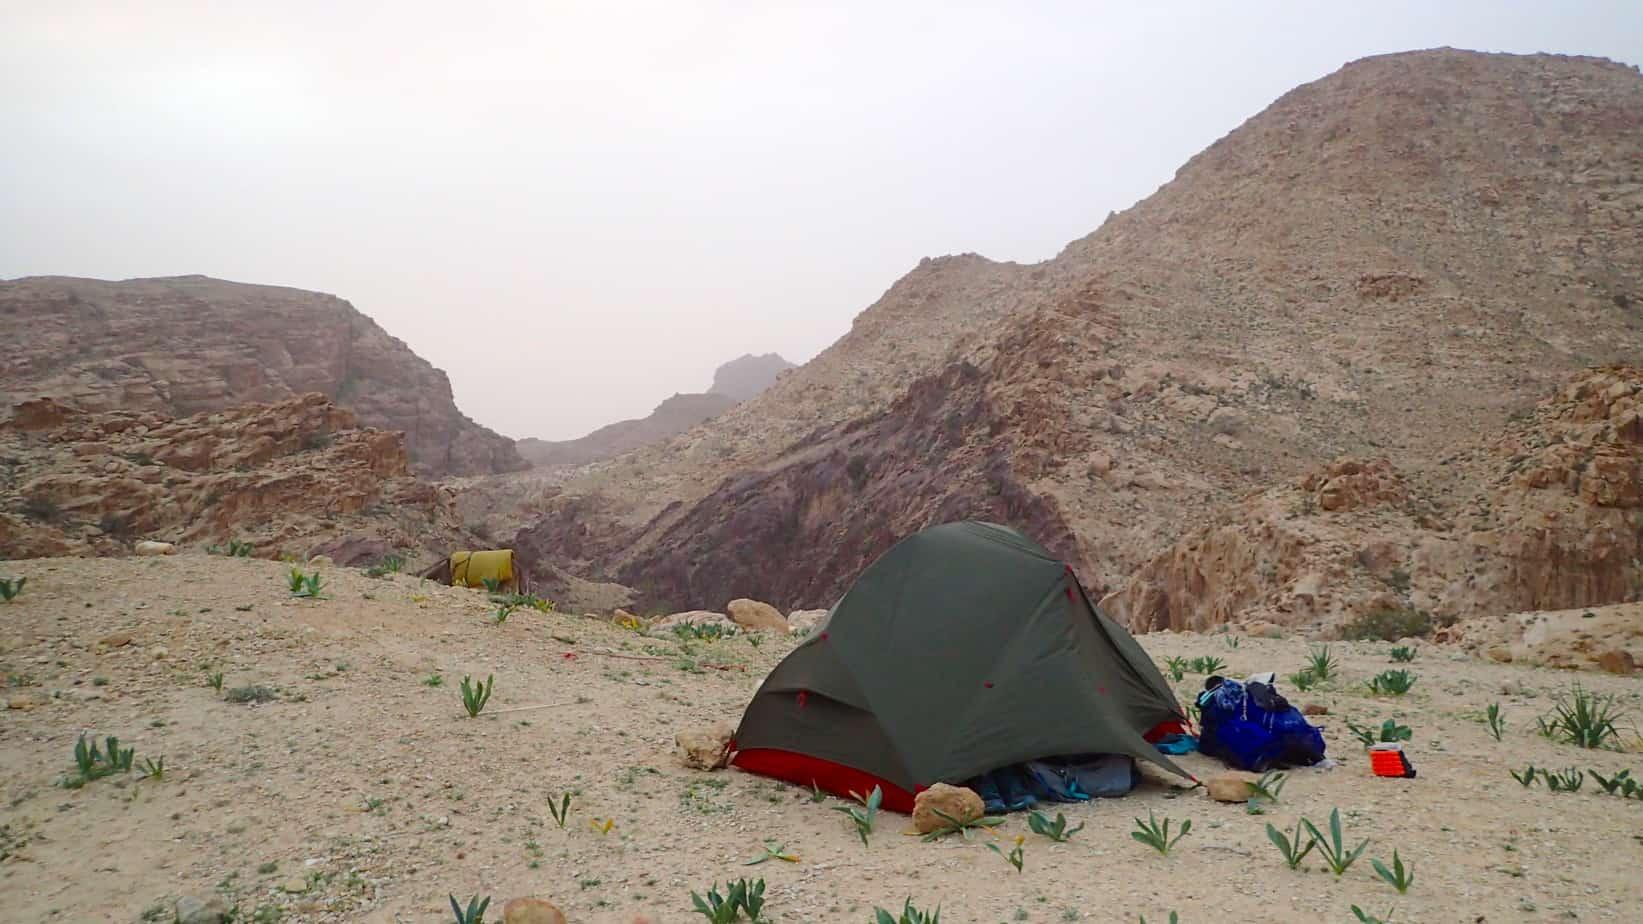 Wild camping in Jordan